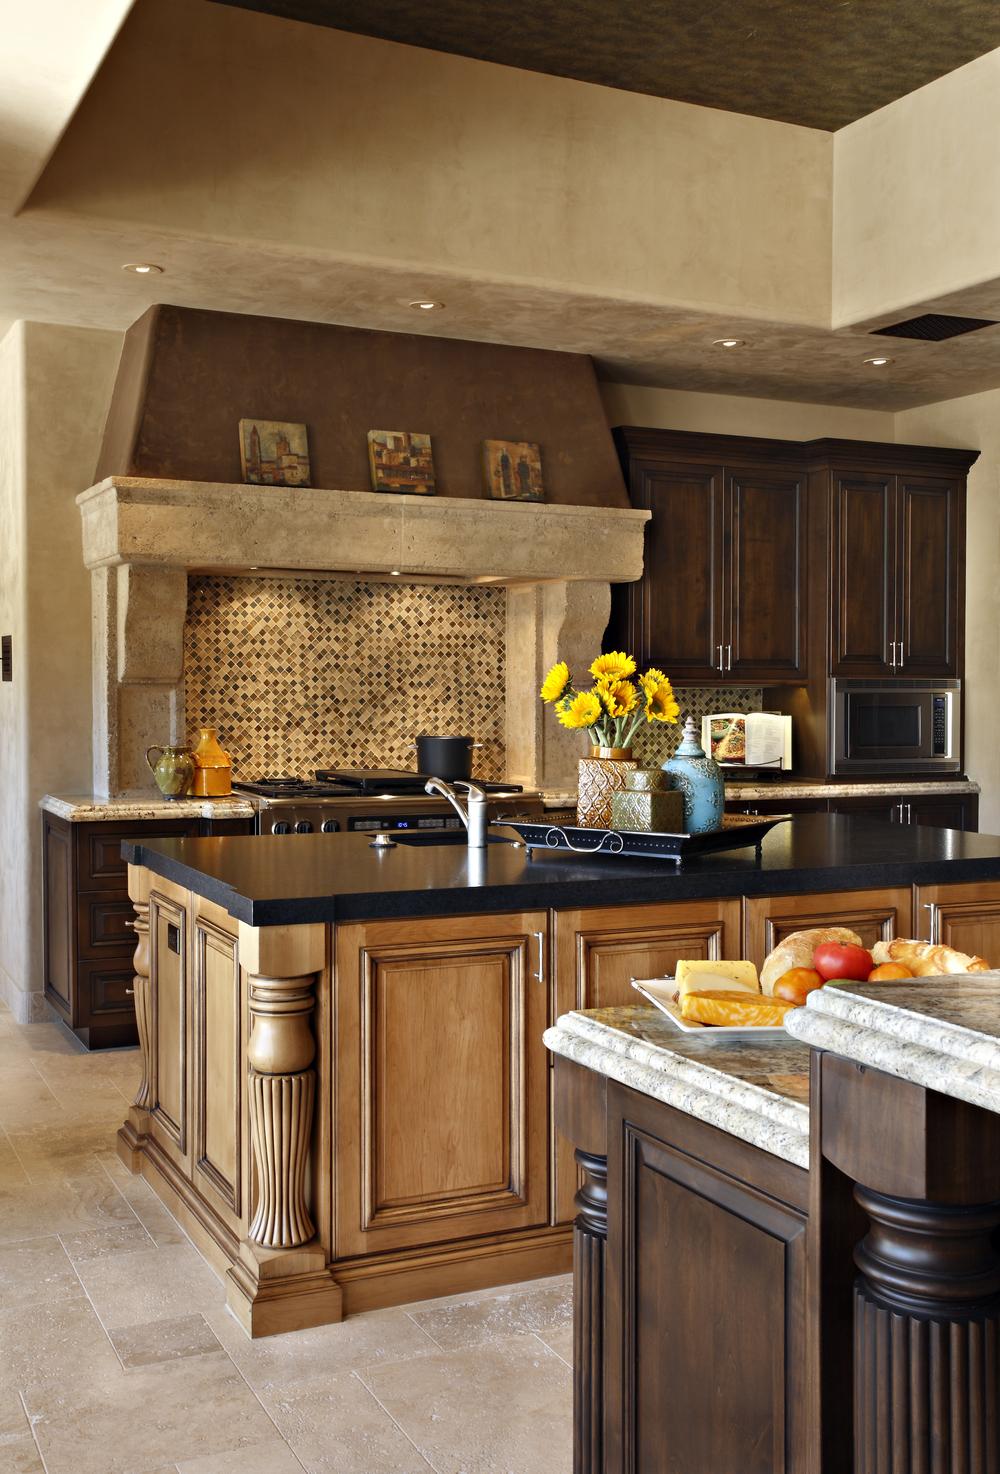 kitchenV.jpg